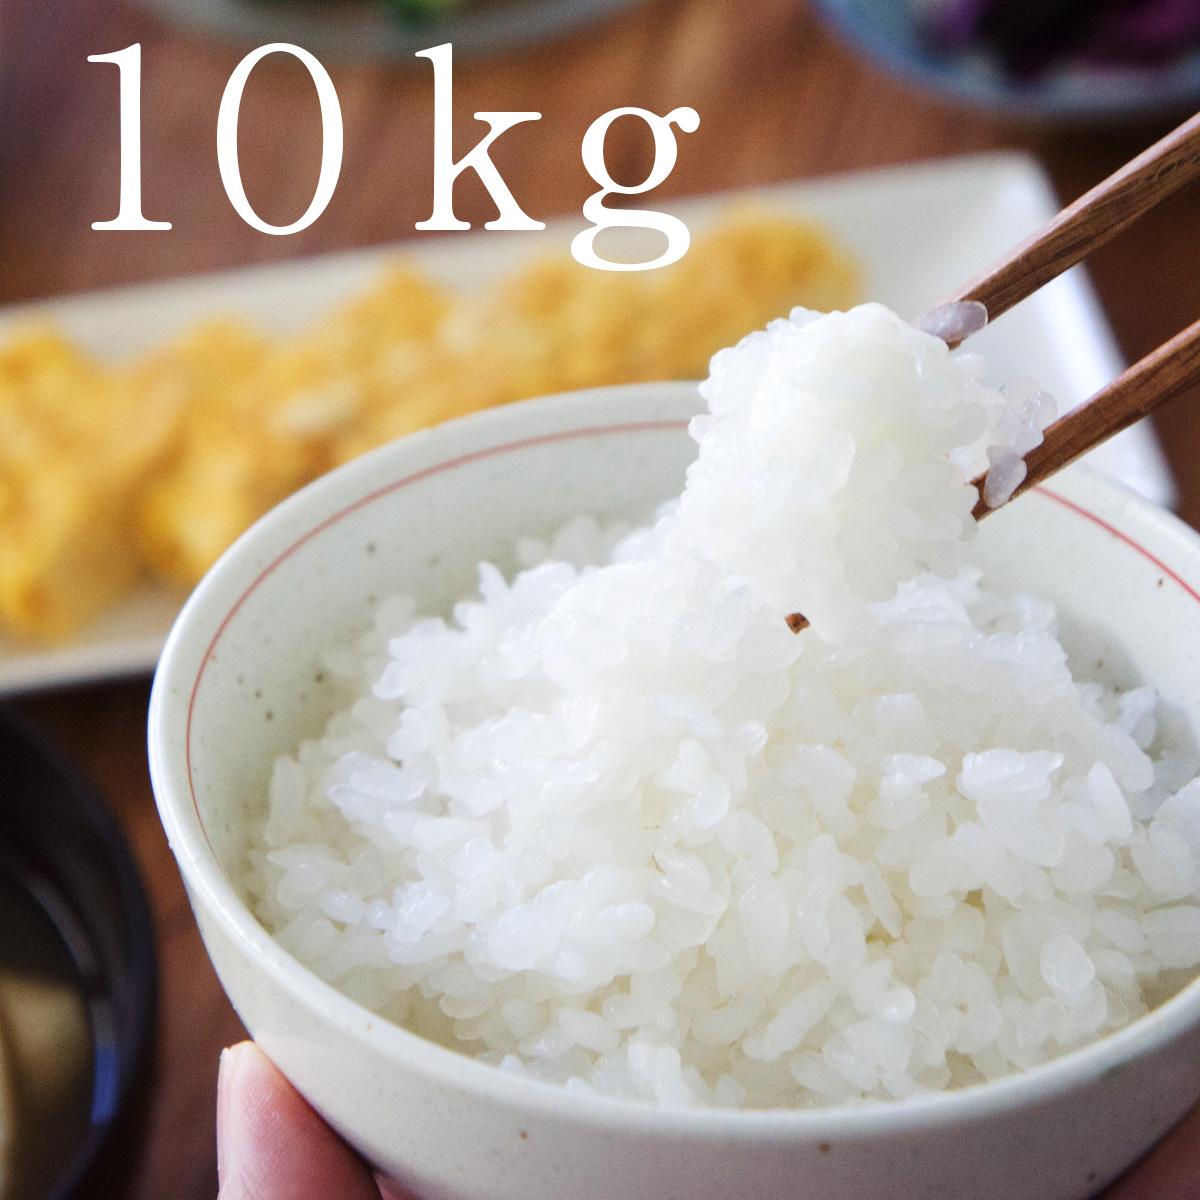 こんにゃくダイエットに ダイエット米でチャレンジ こんにゃくが米粒みたいになる ≪きめやか美研の乾燥こんにゃく米10kg業務用≫送料無料 低糖質OFFご飯が簡単に ロカボ生活には無農薬栽培されたむかごこんにゃく使用のこんにゃく米 おすすめ特集 かさ増しご飯 食物繊維は豊富なのにカロリーOFFできる 開店祝い 糖質OFF 糖質オフ